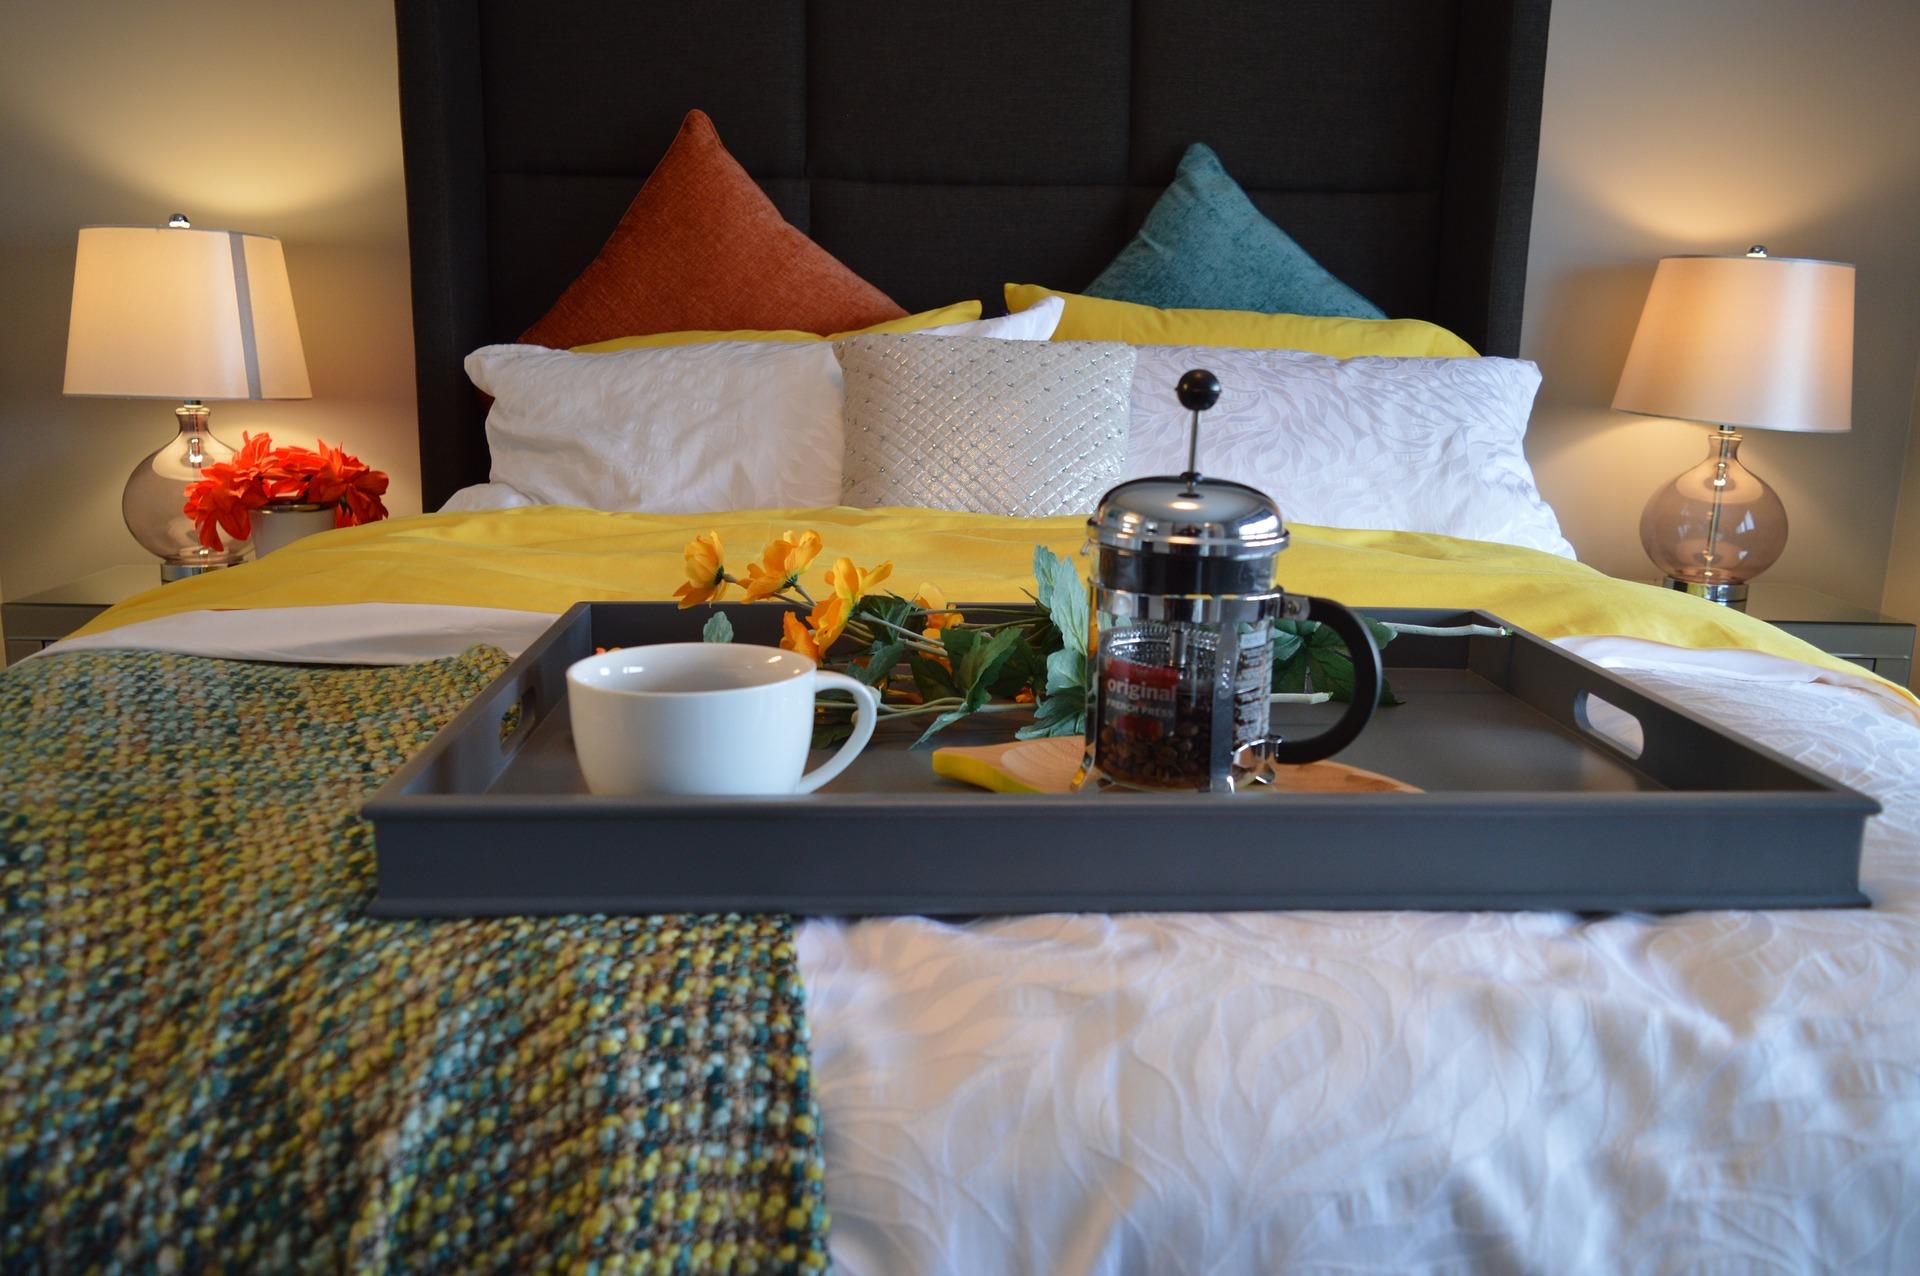 desayuno habitacion hotel cama